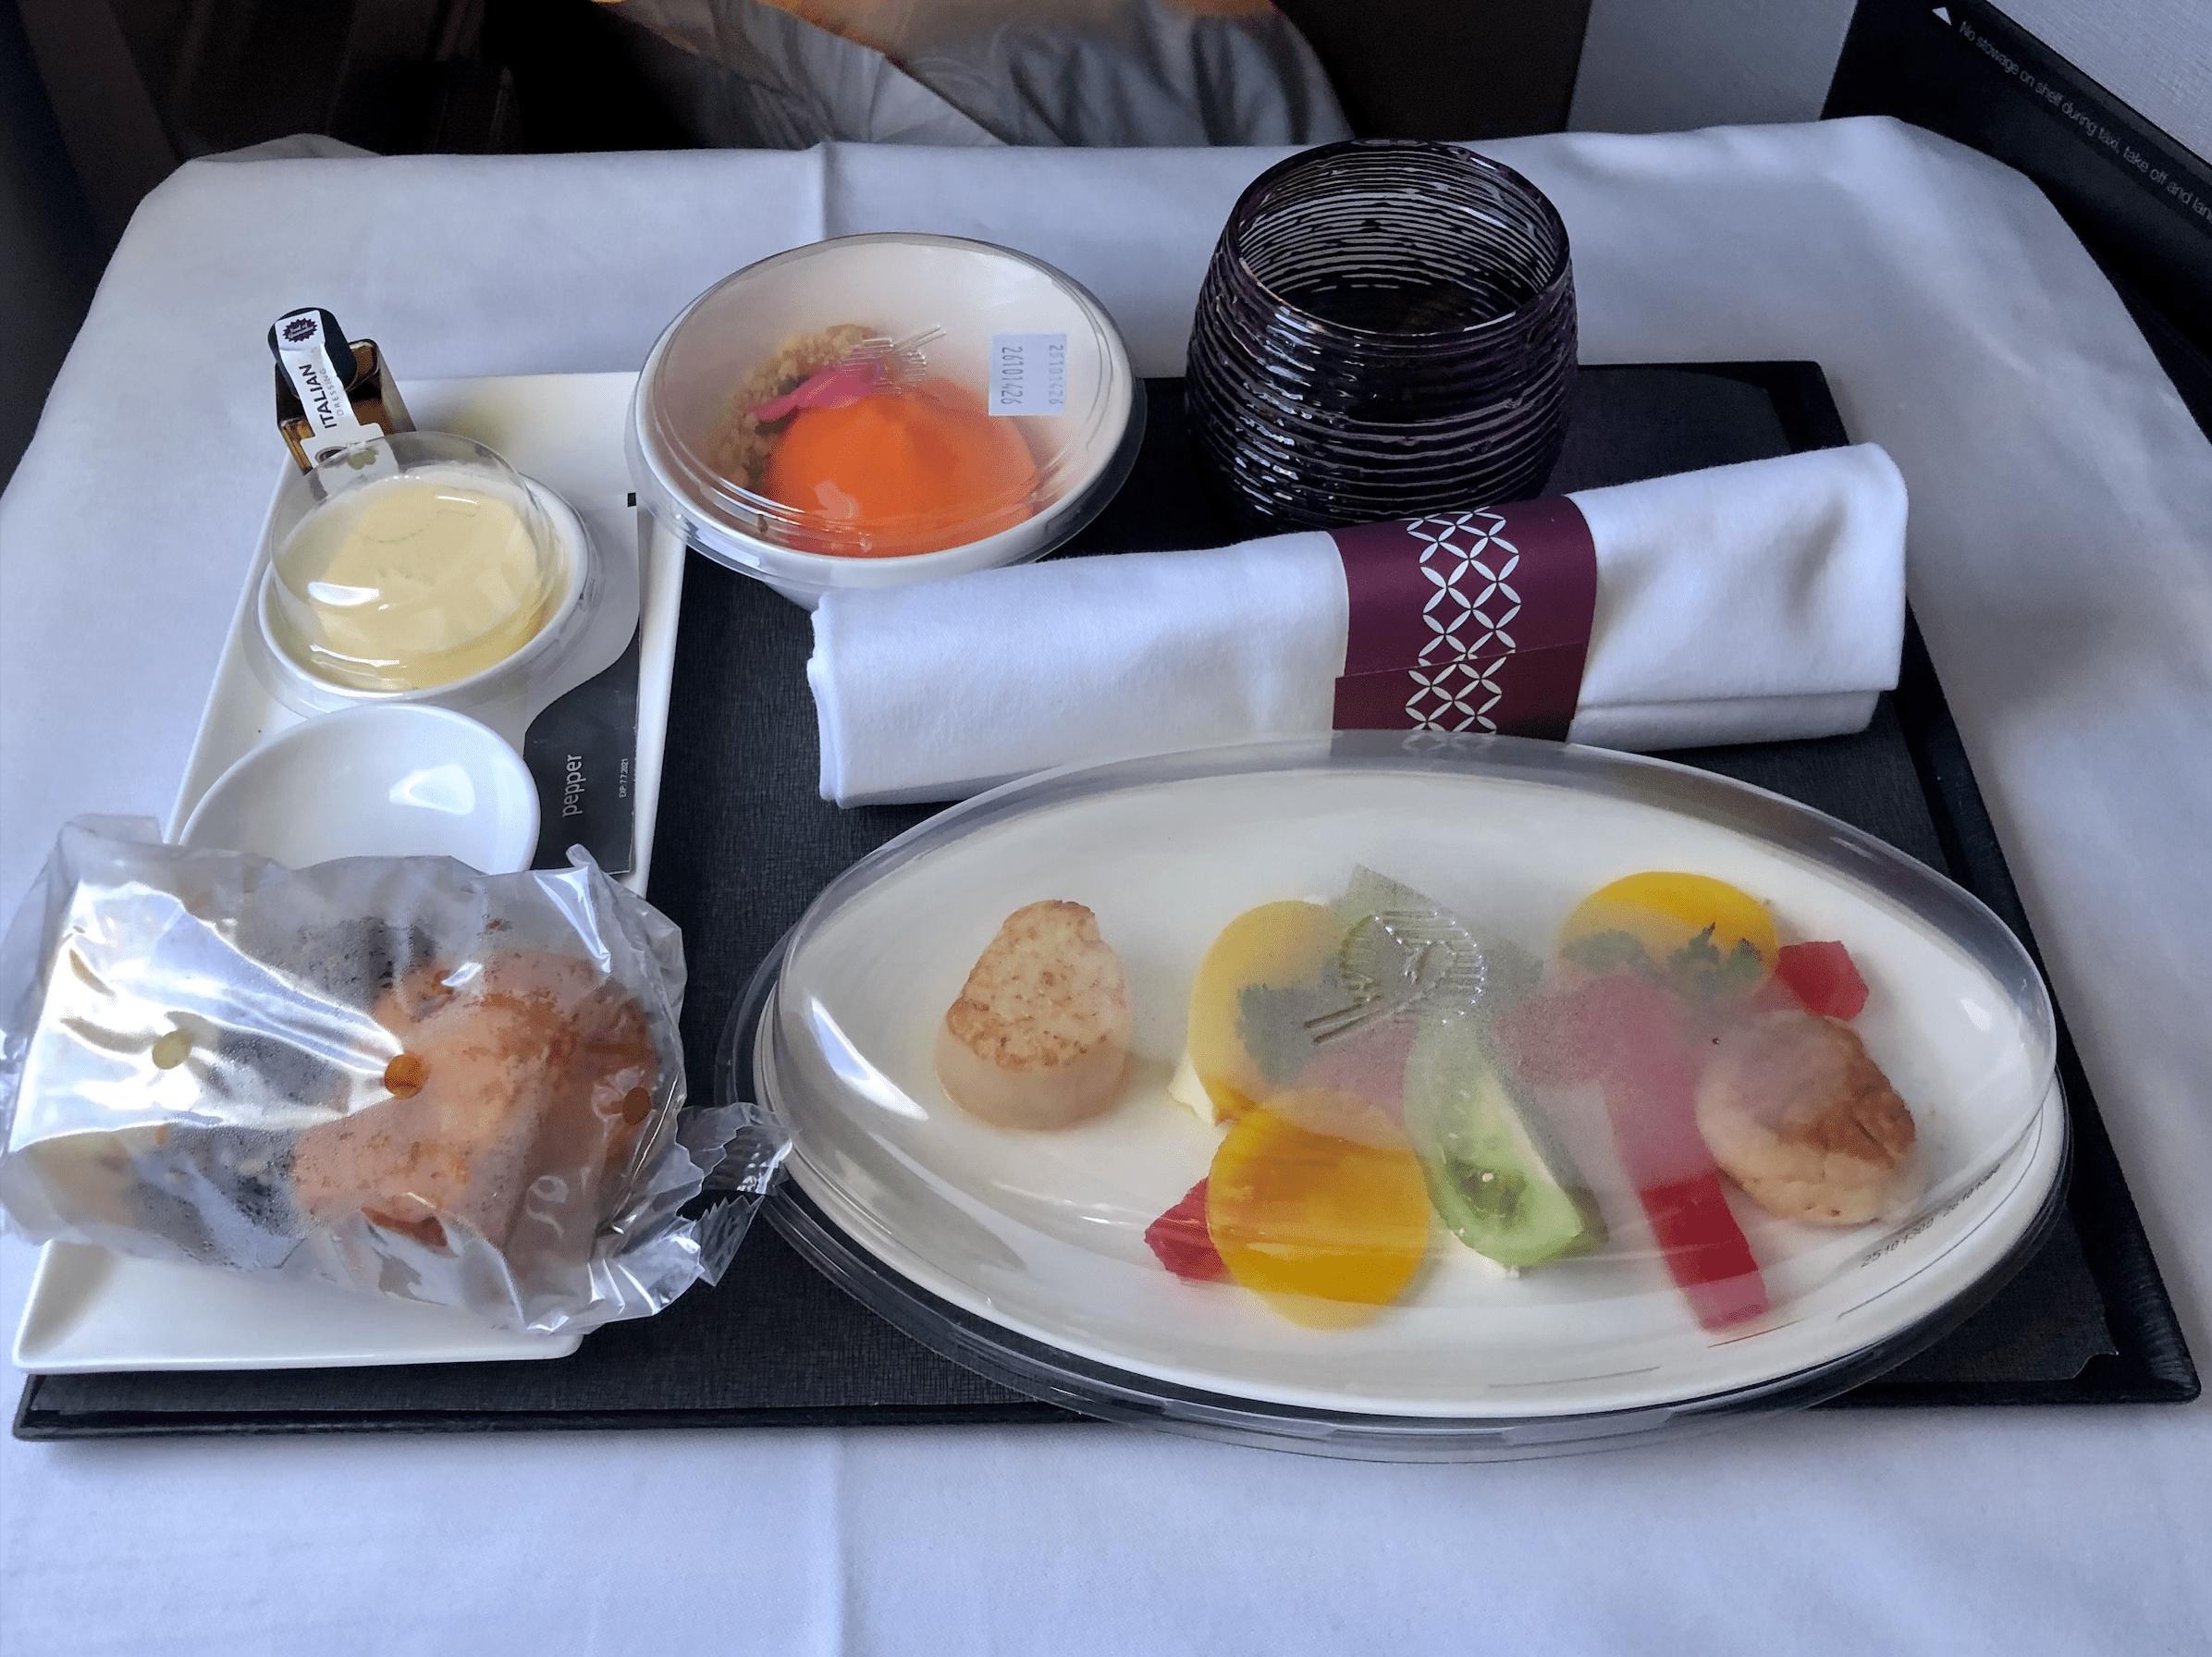 Qatar airways meal service